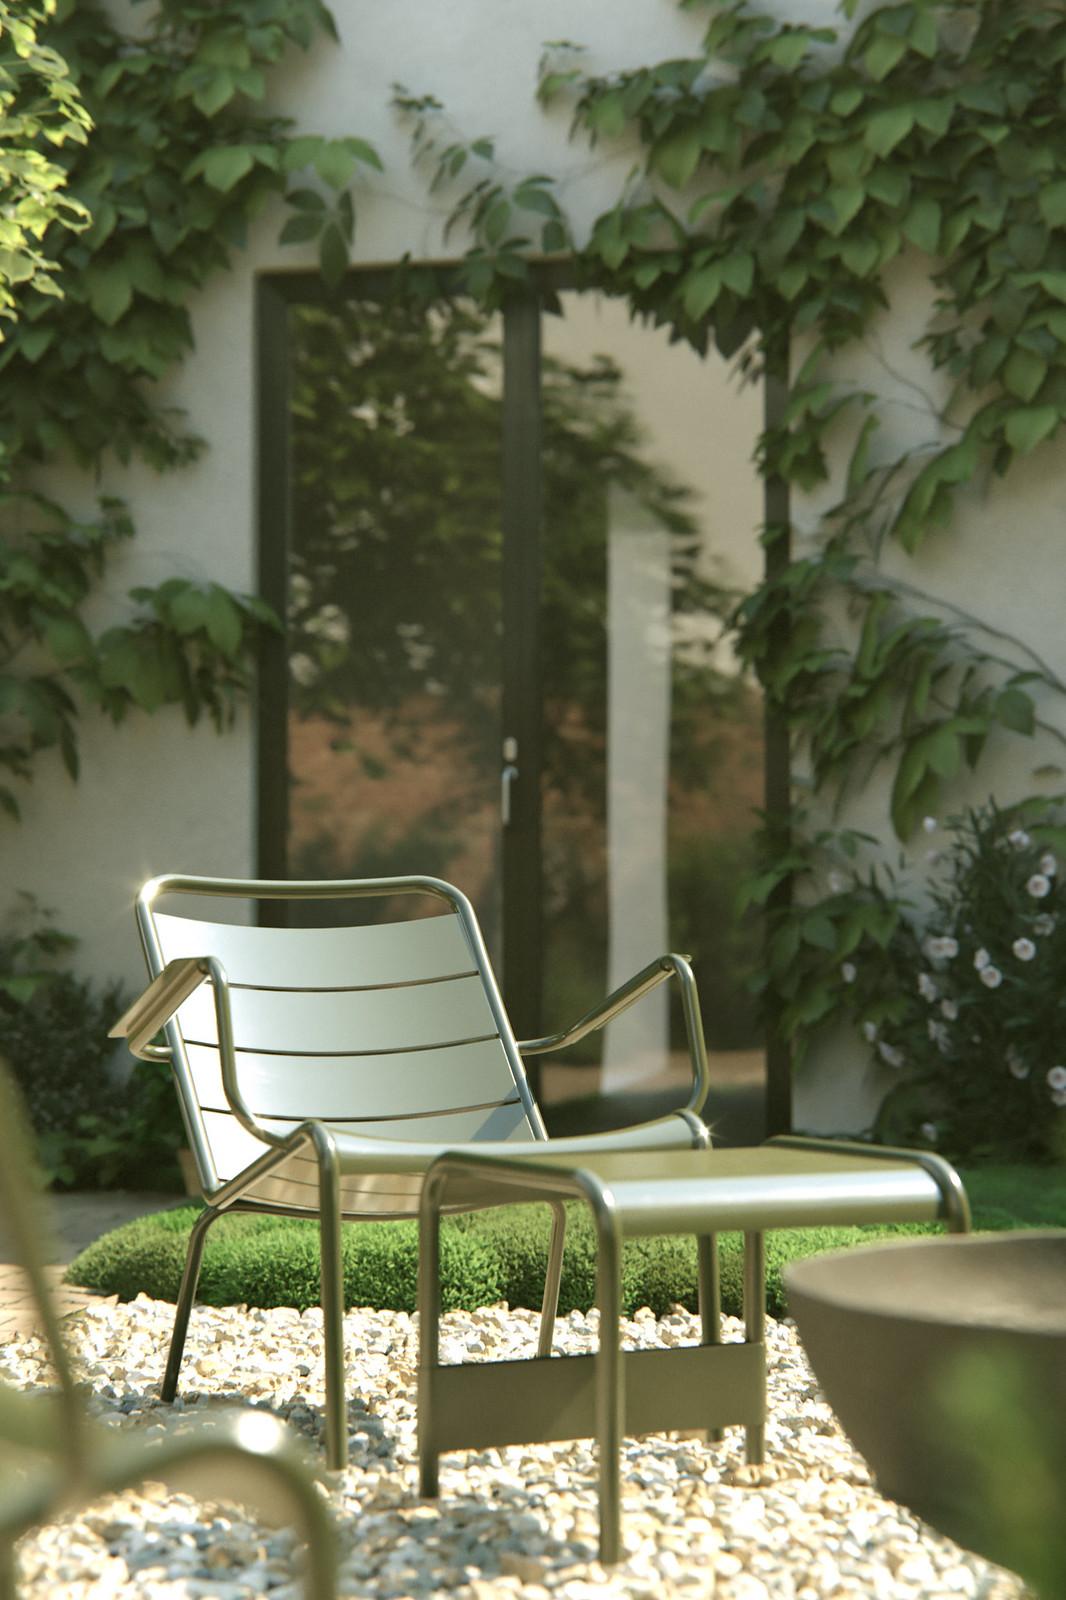 Luxembourg's Garden